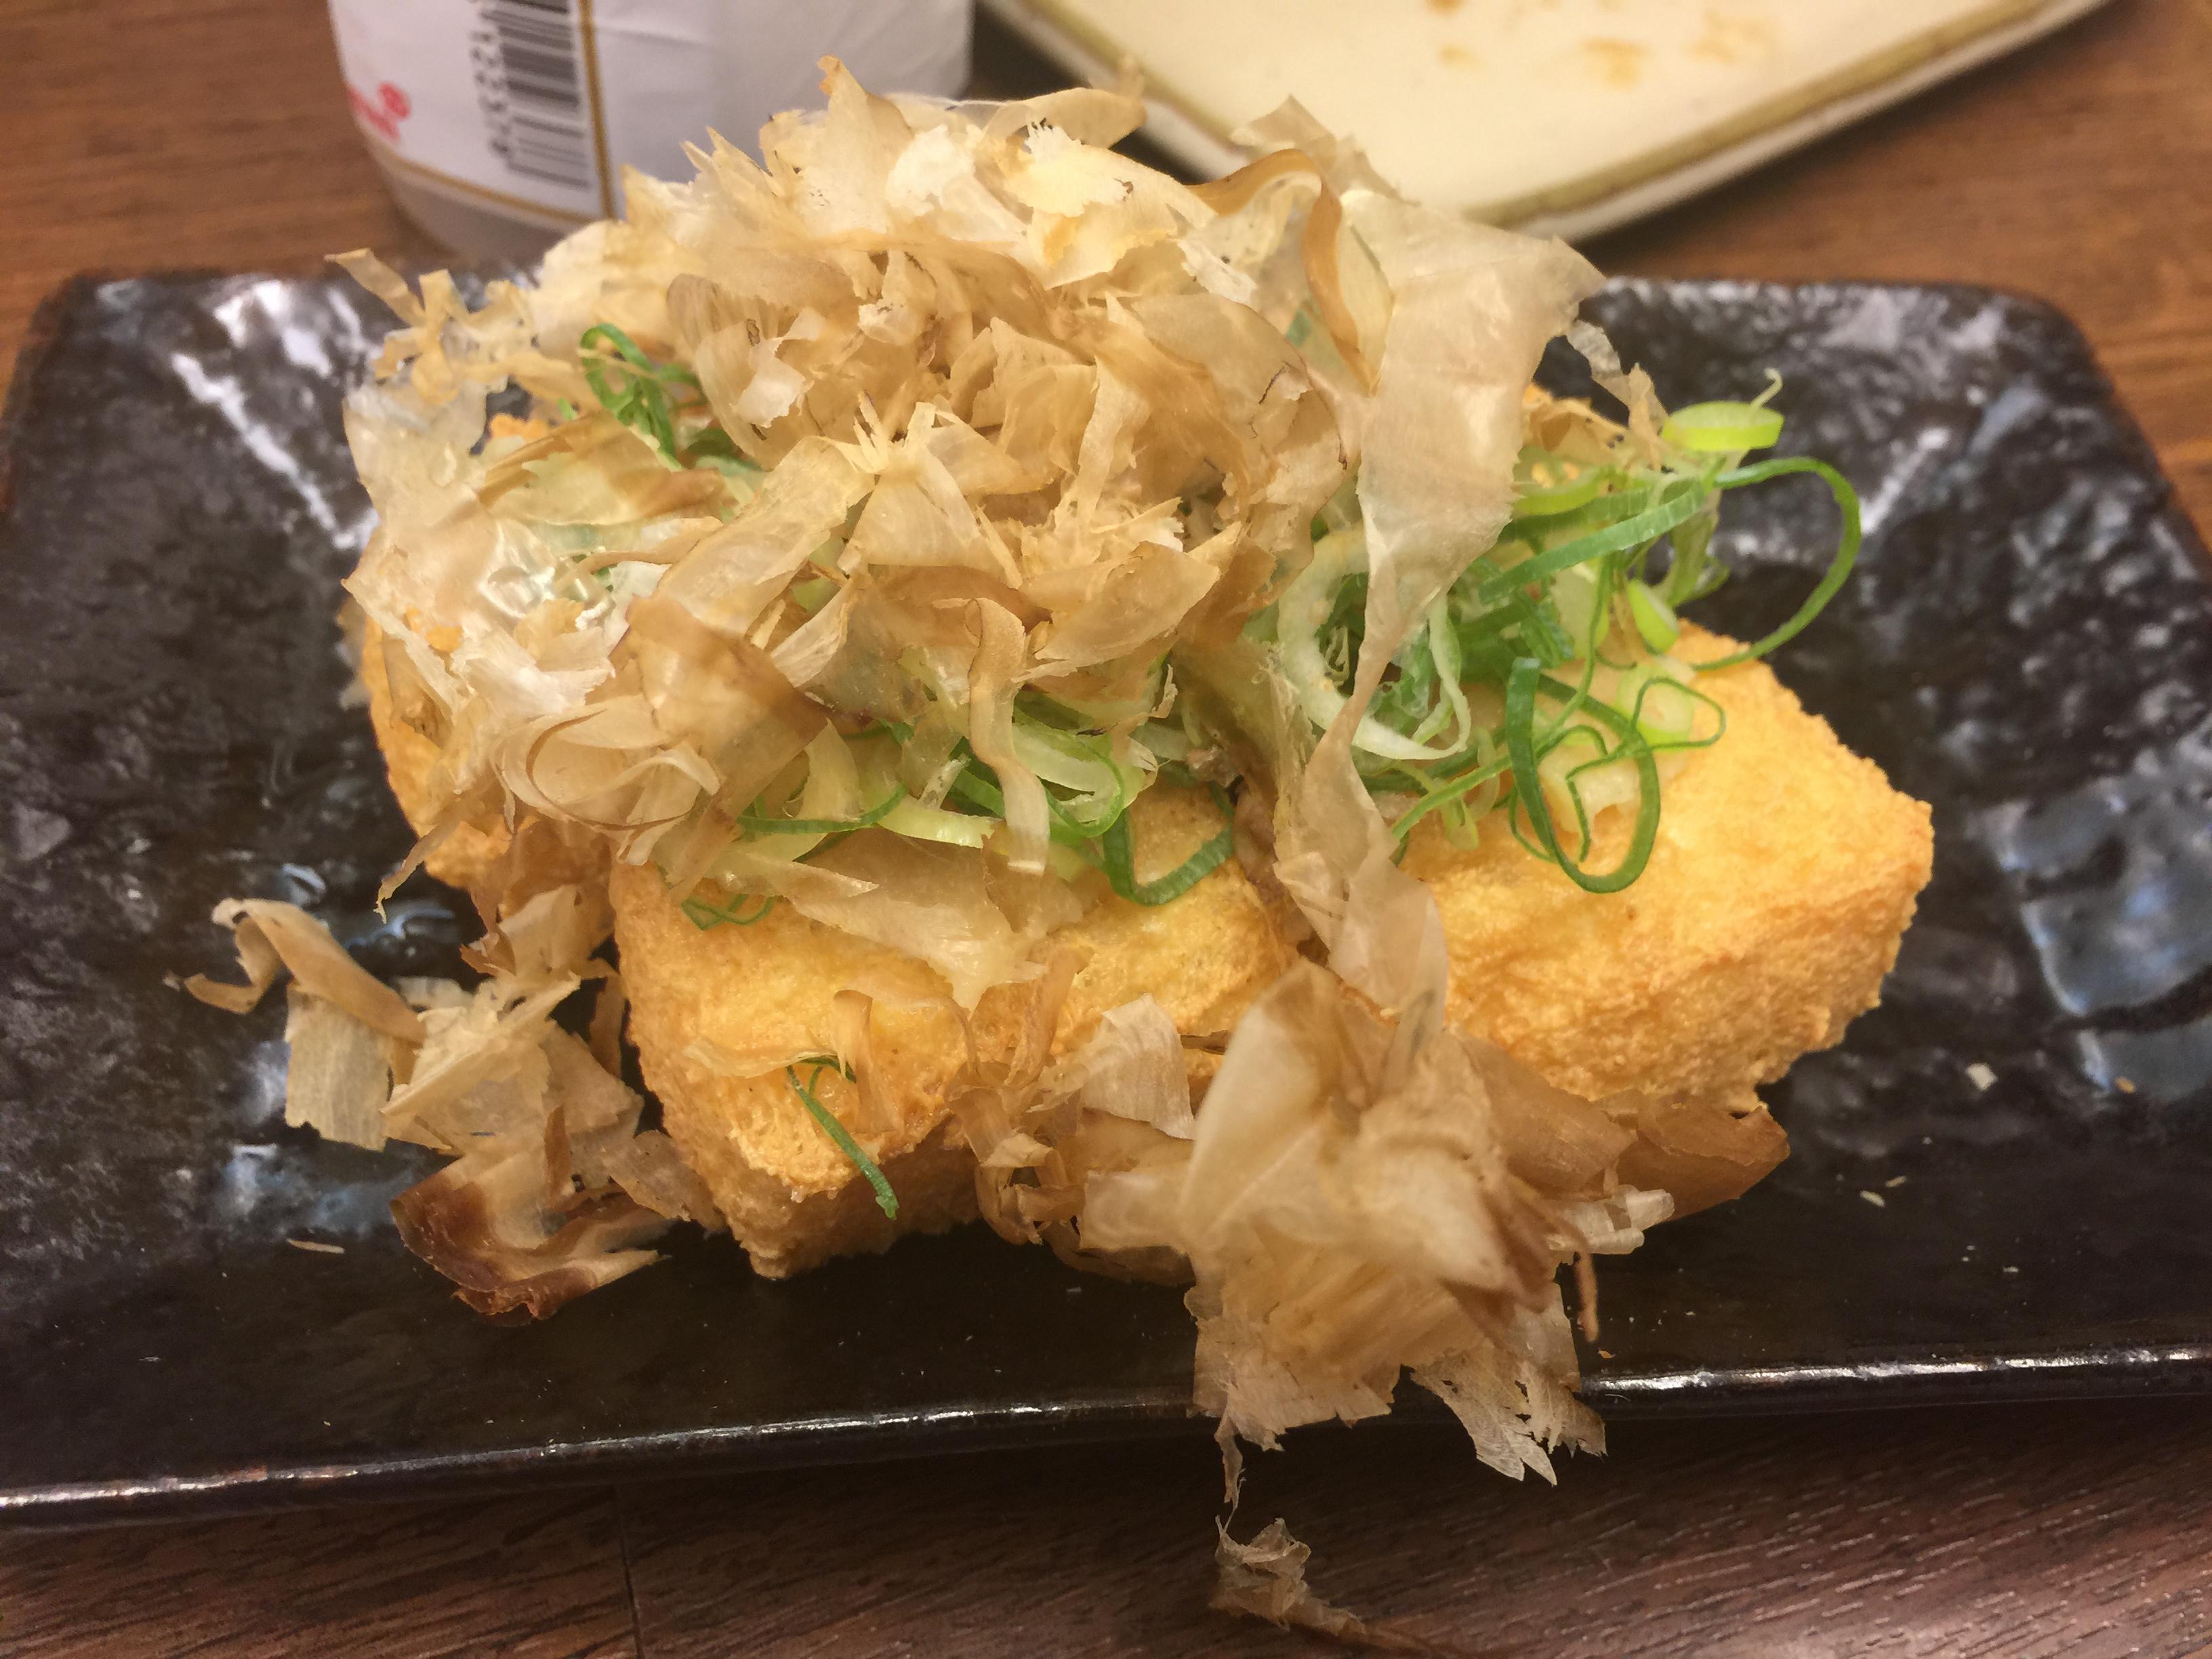 大阪新世界串カツ専門店串カツじゃんじゃん3号店厚揚げ